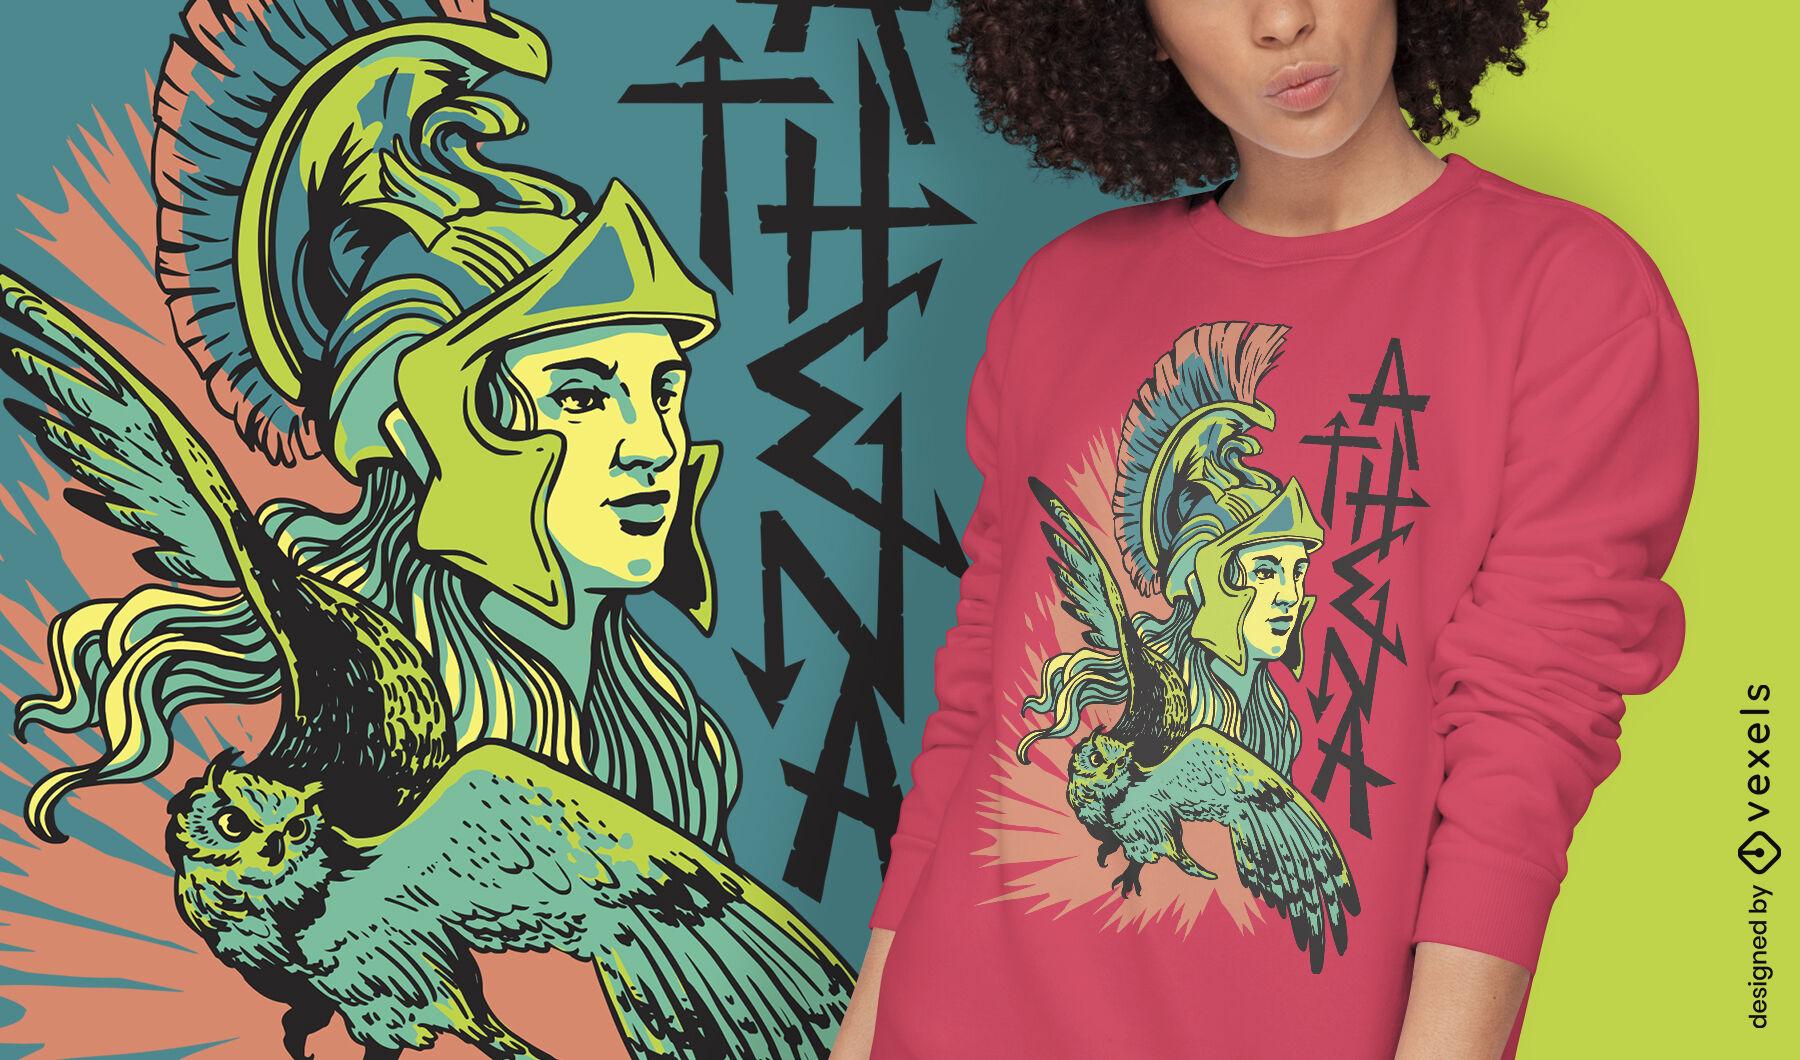 Diseño de camiseta de Grecia mítica de la diosa Atenea.